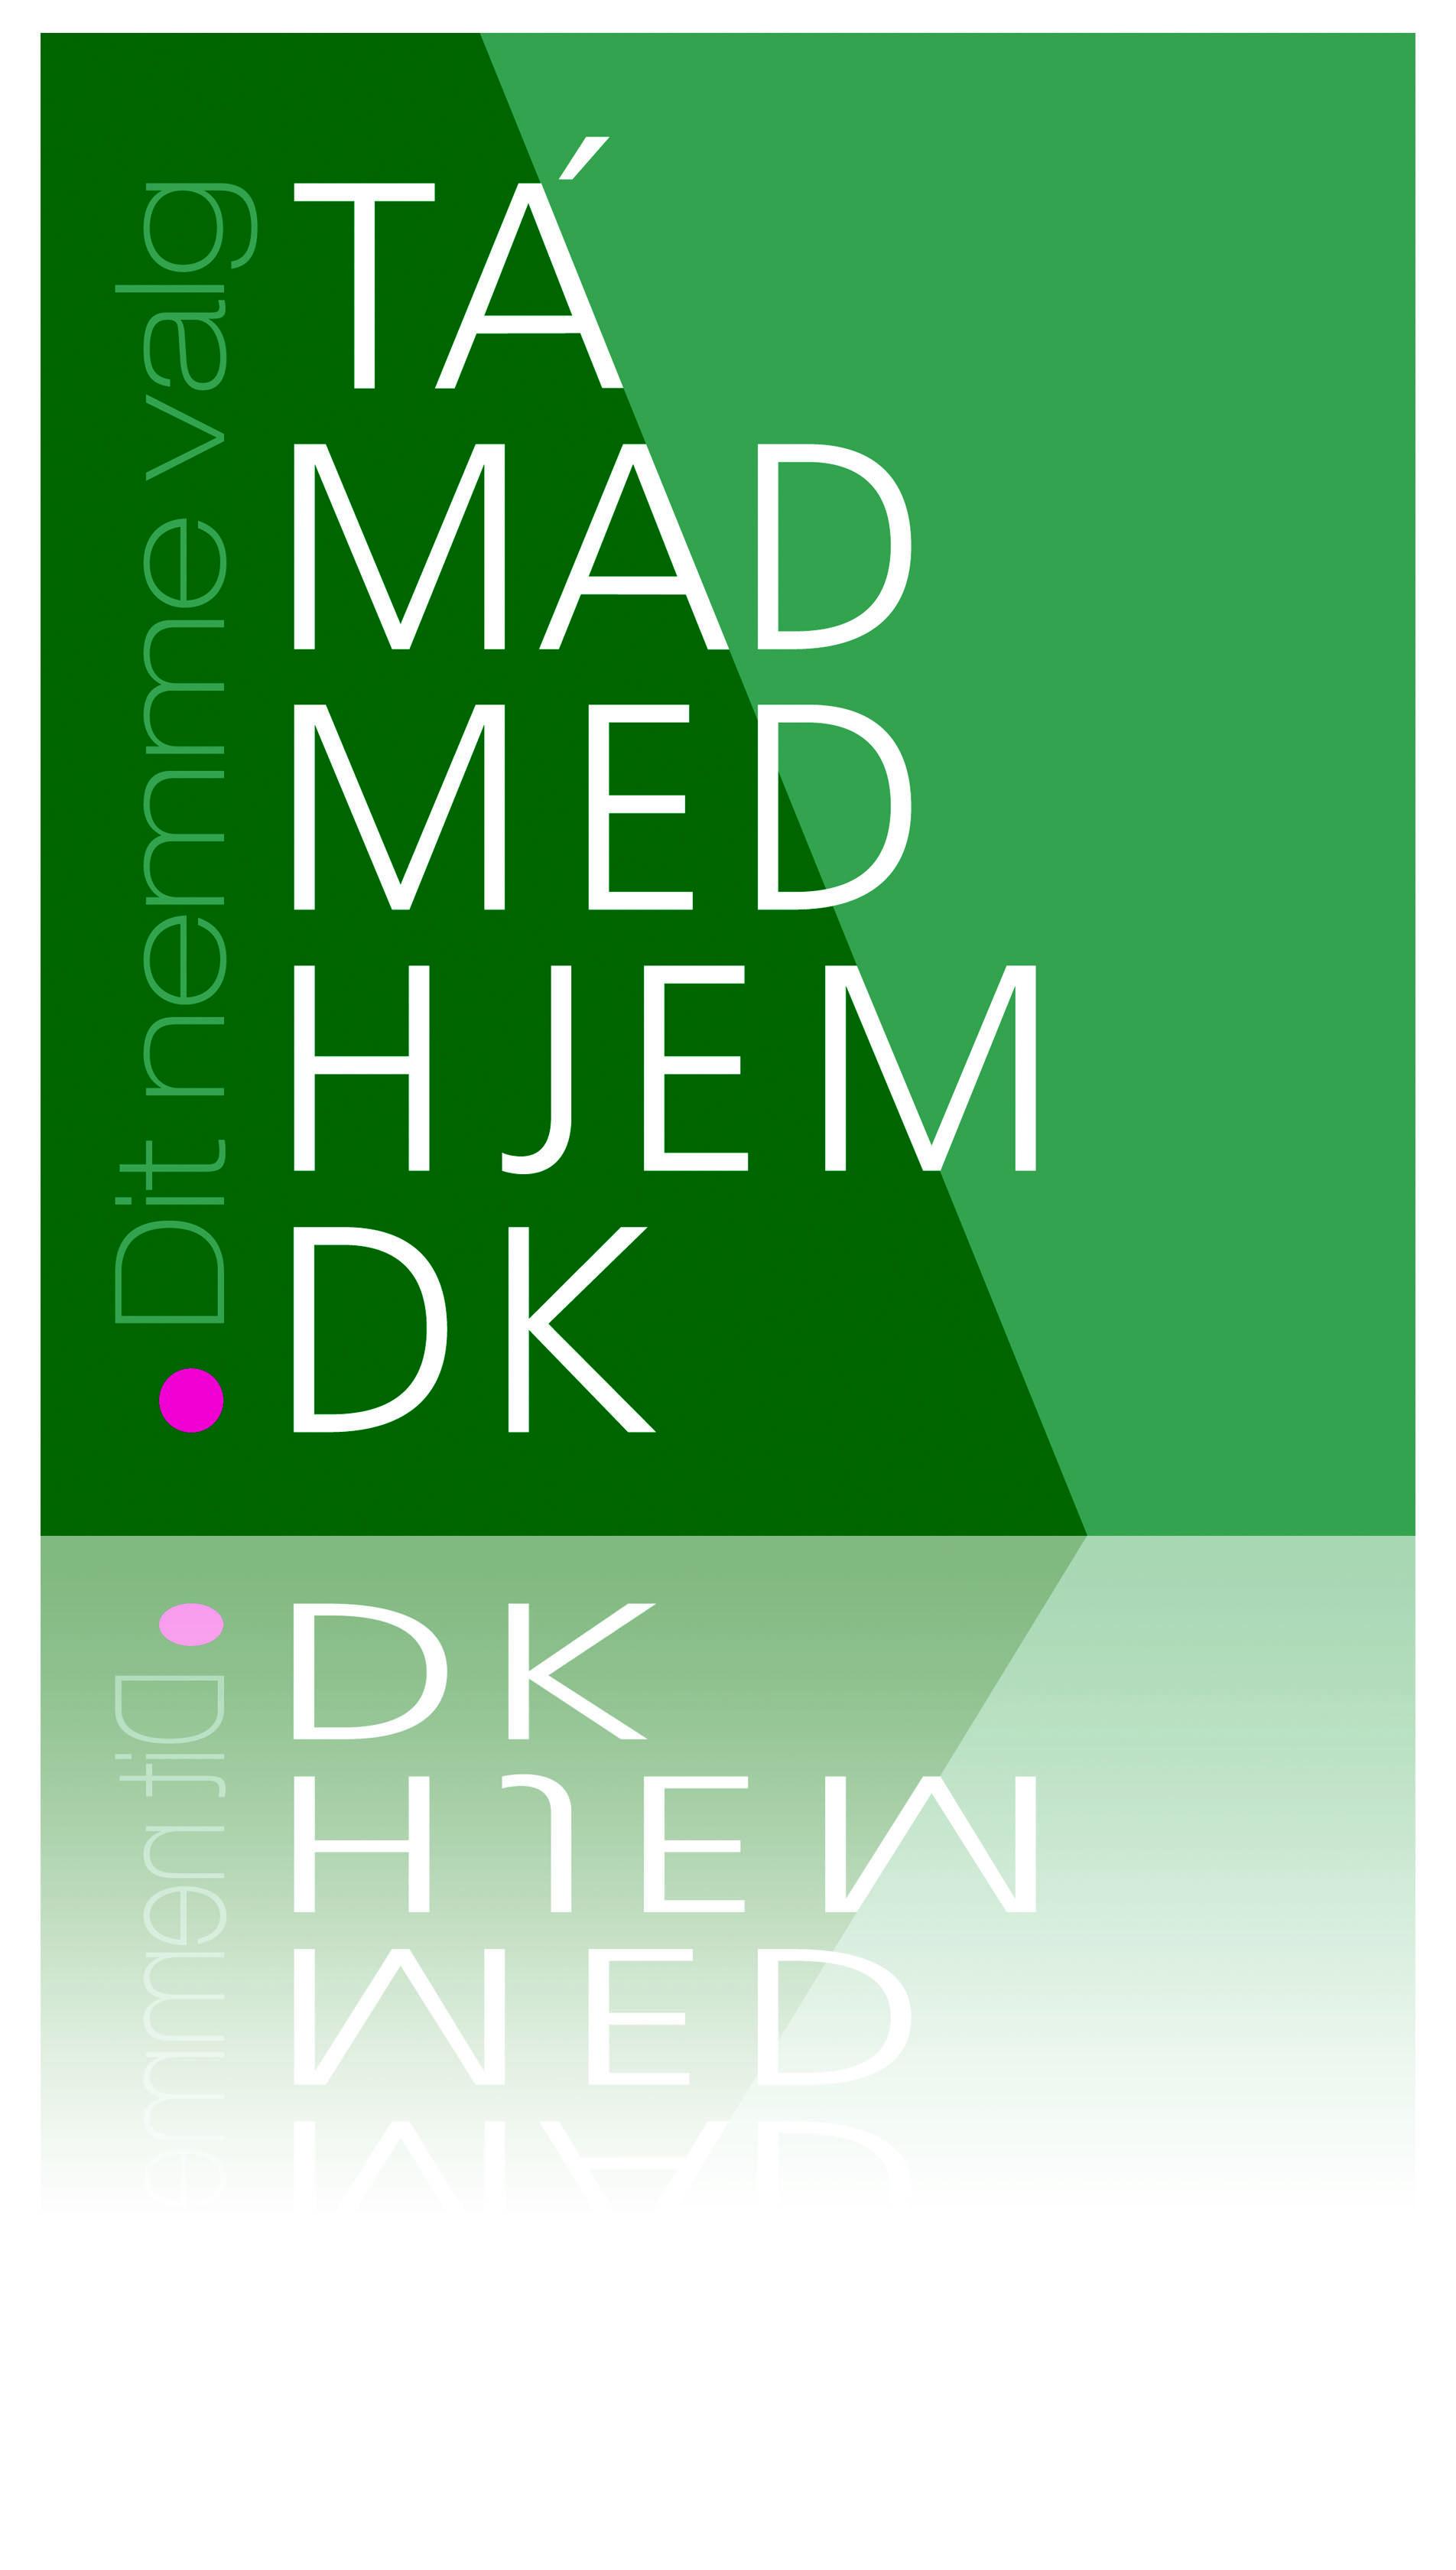 Logo design by OXOreklame.dk